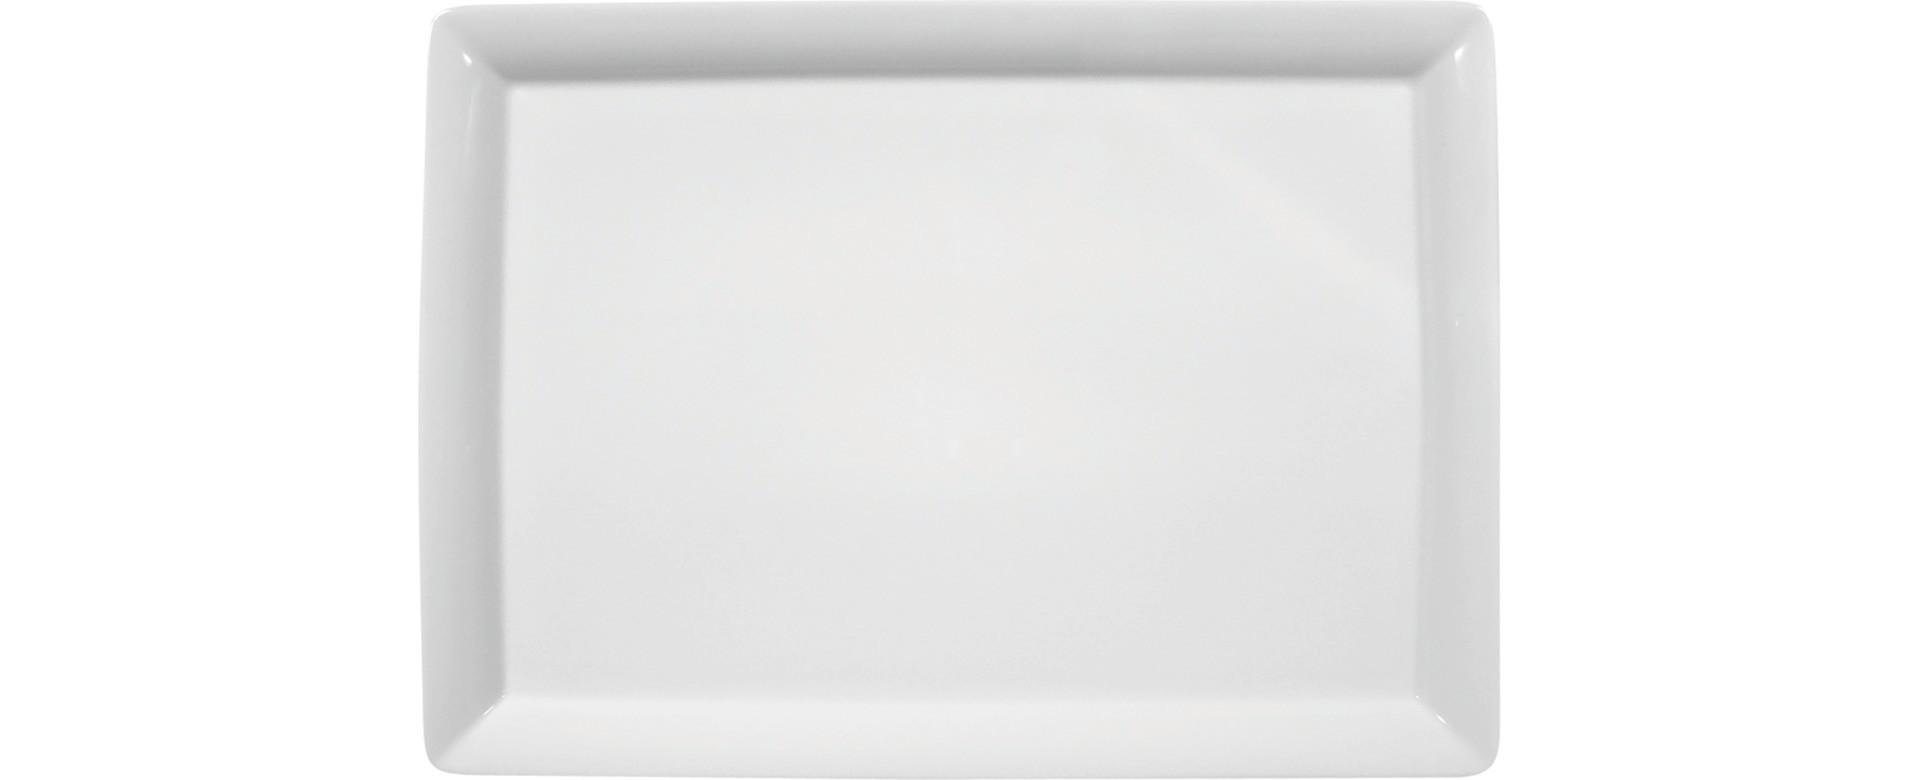 Buffet Gourmet, Platte rechteckig 350 x 250 mm